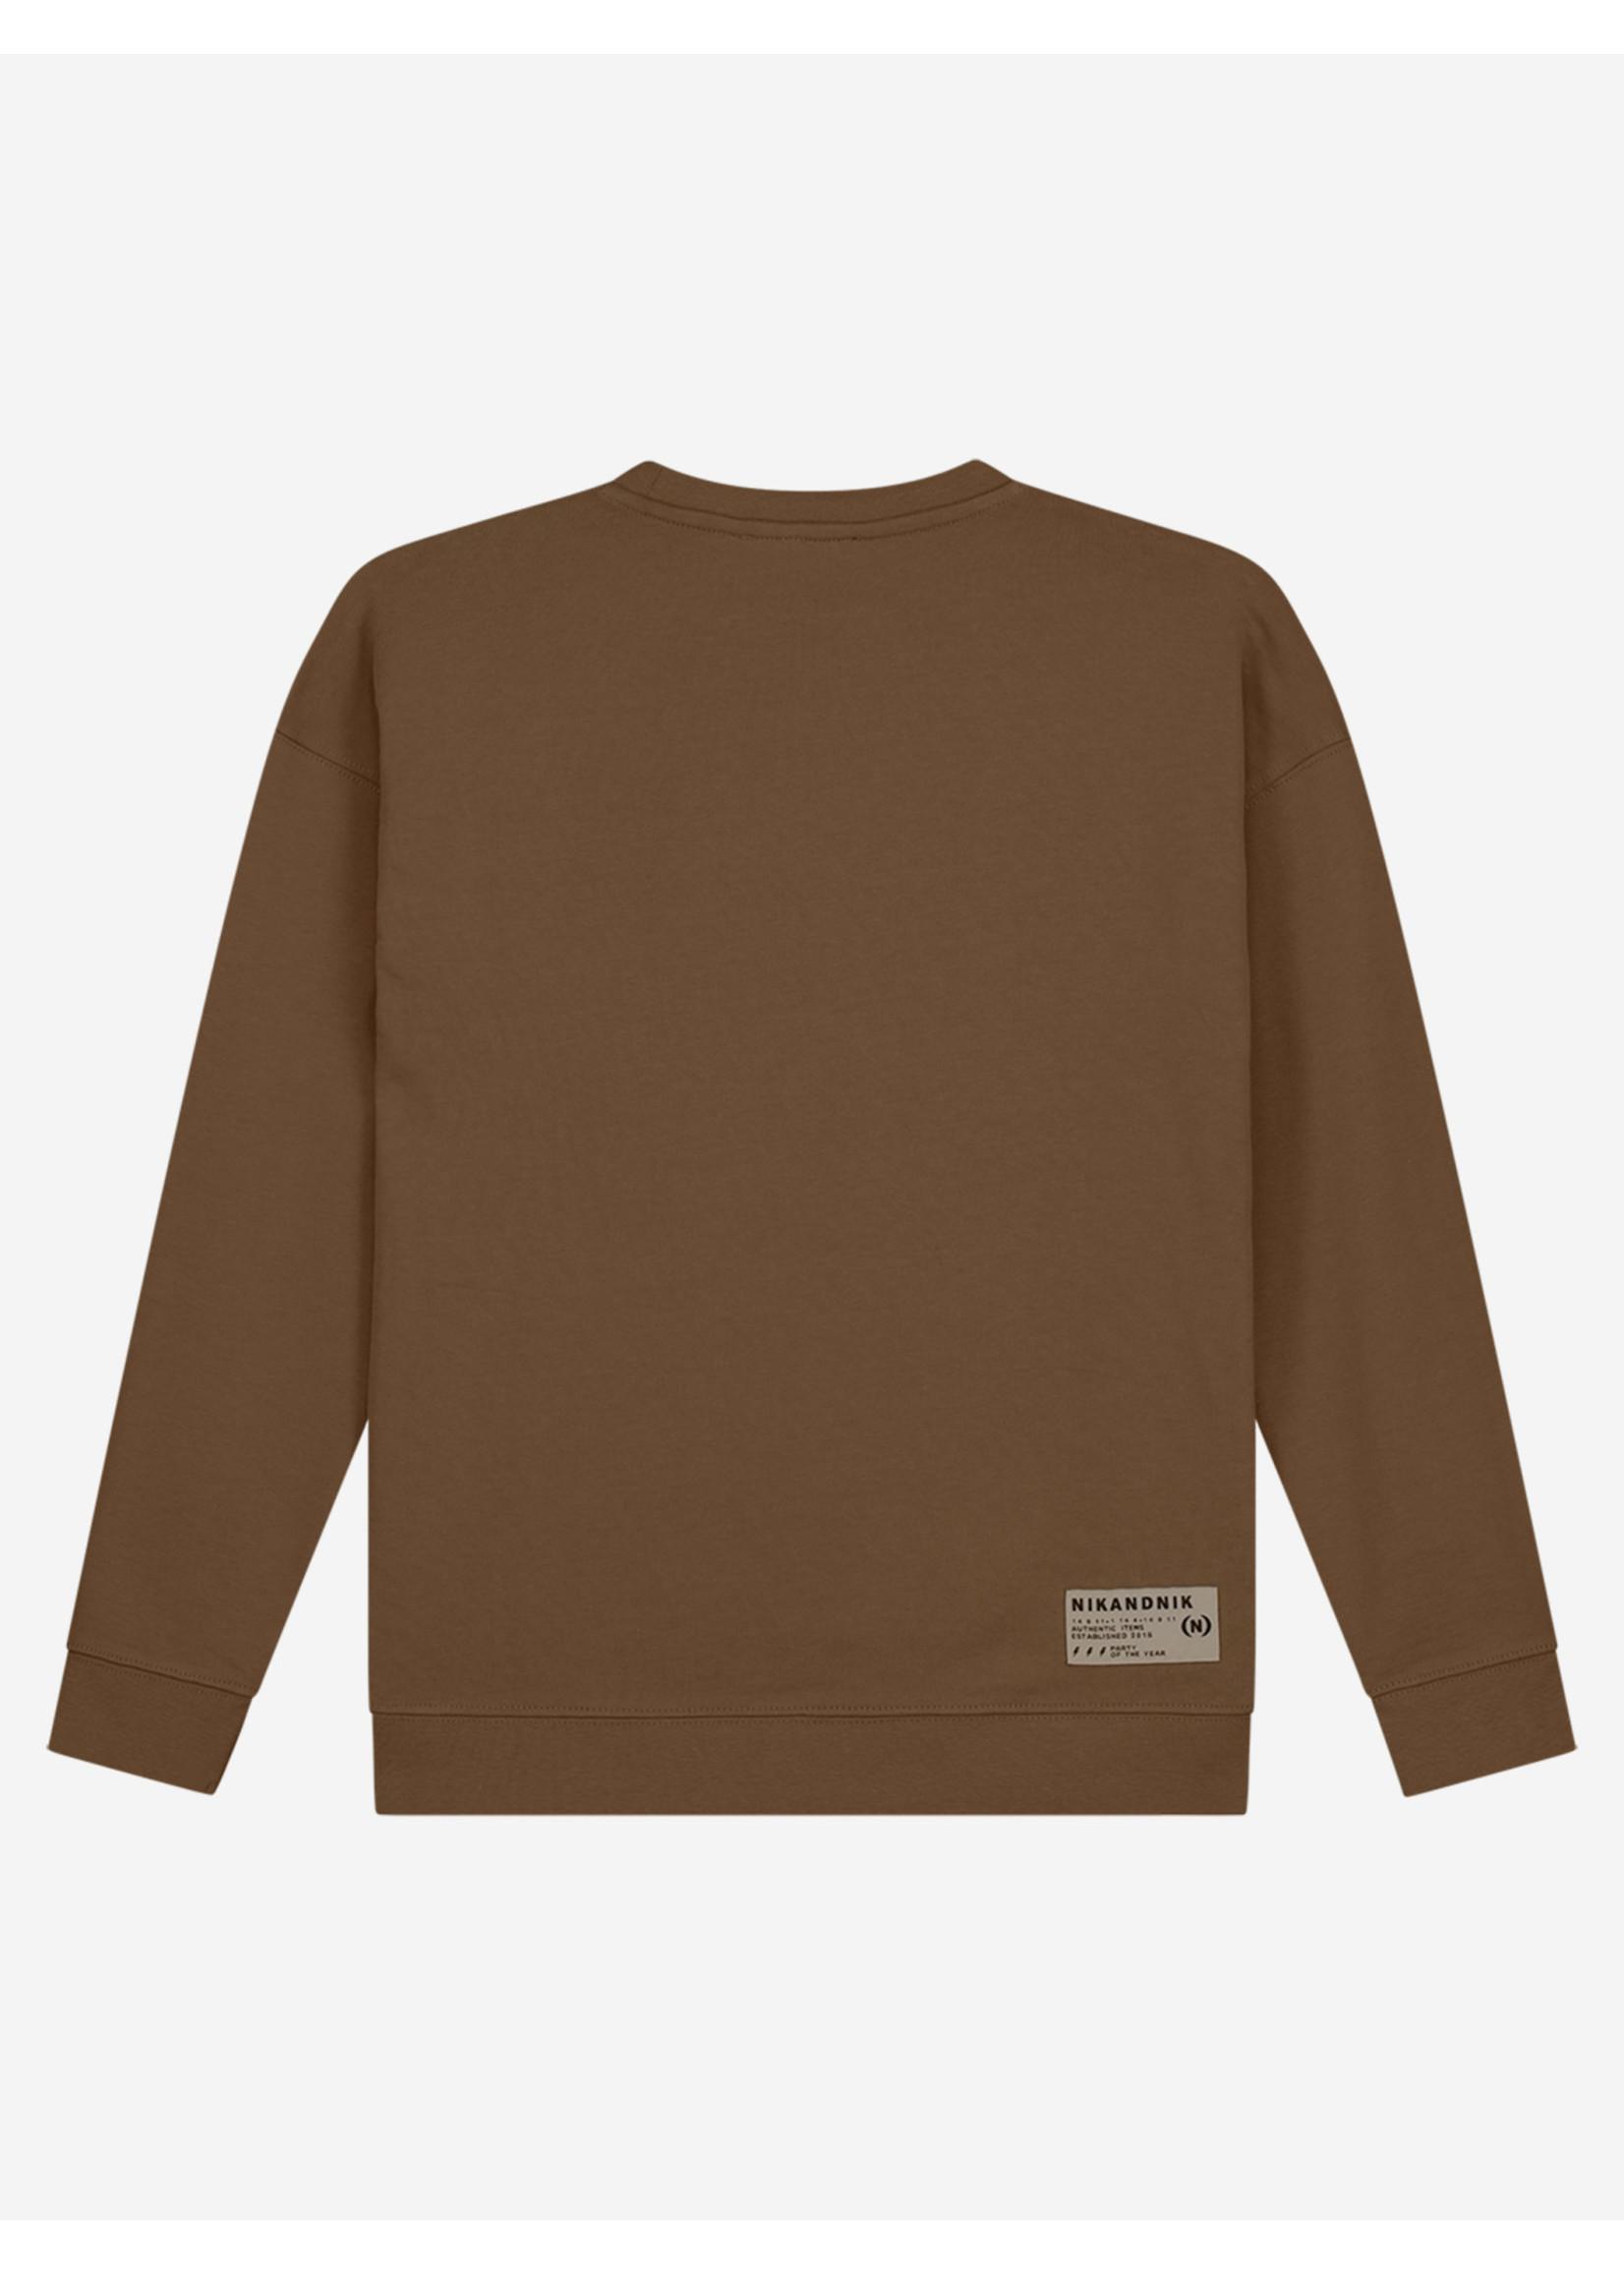 NIK&NIK Nik&Nik Not Social Sweater - Warm Brown